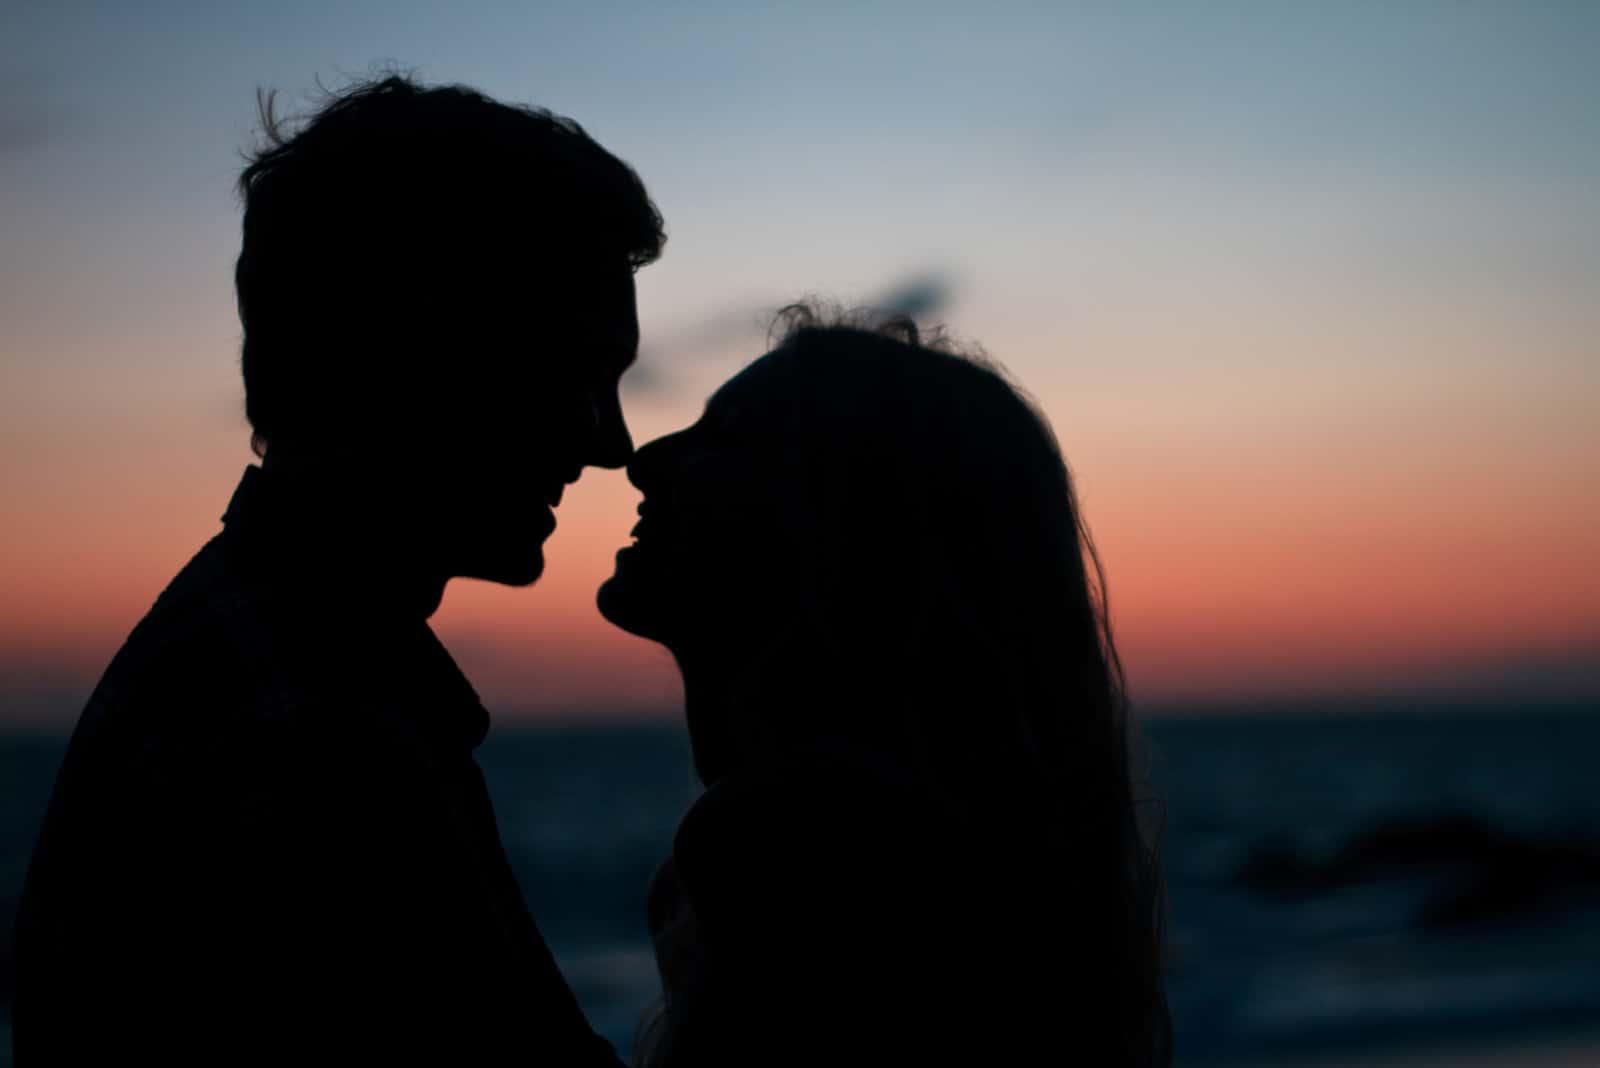 homme et femme debout près de la mer pendant le coucher du soleil